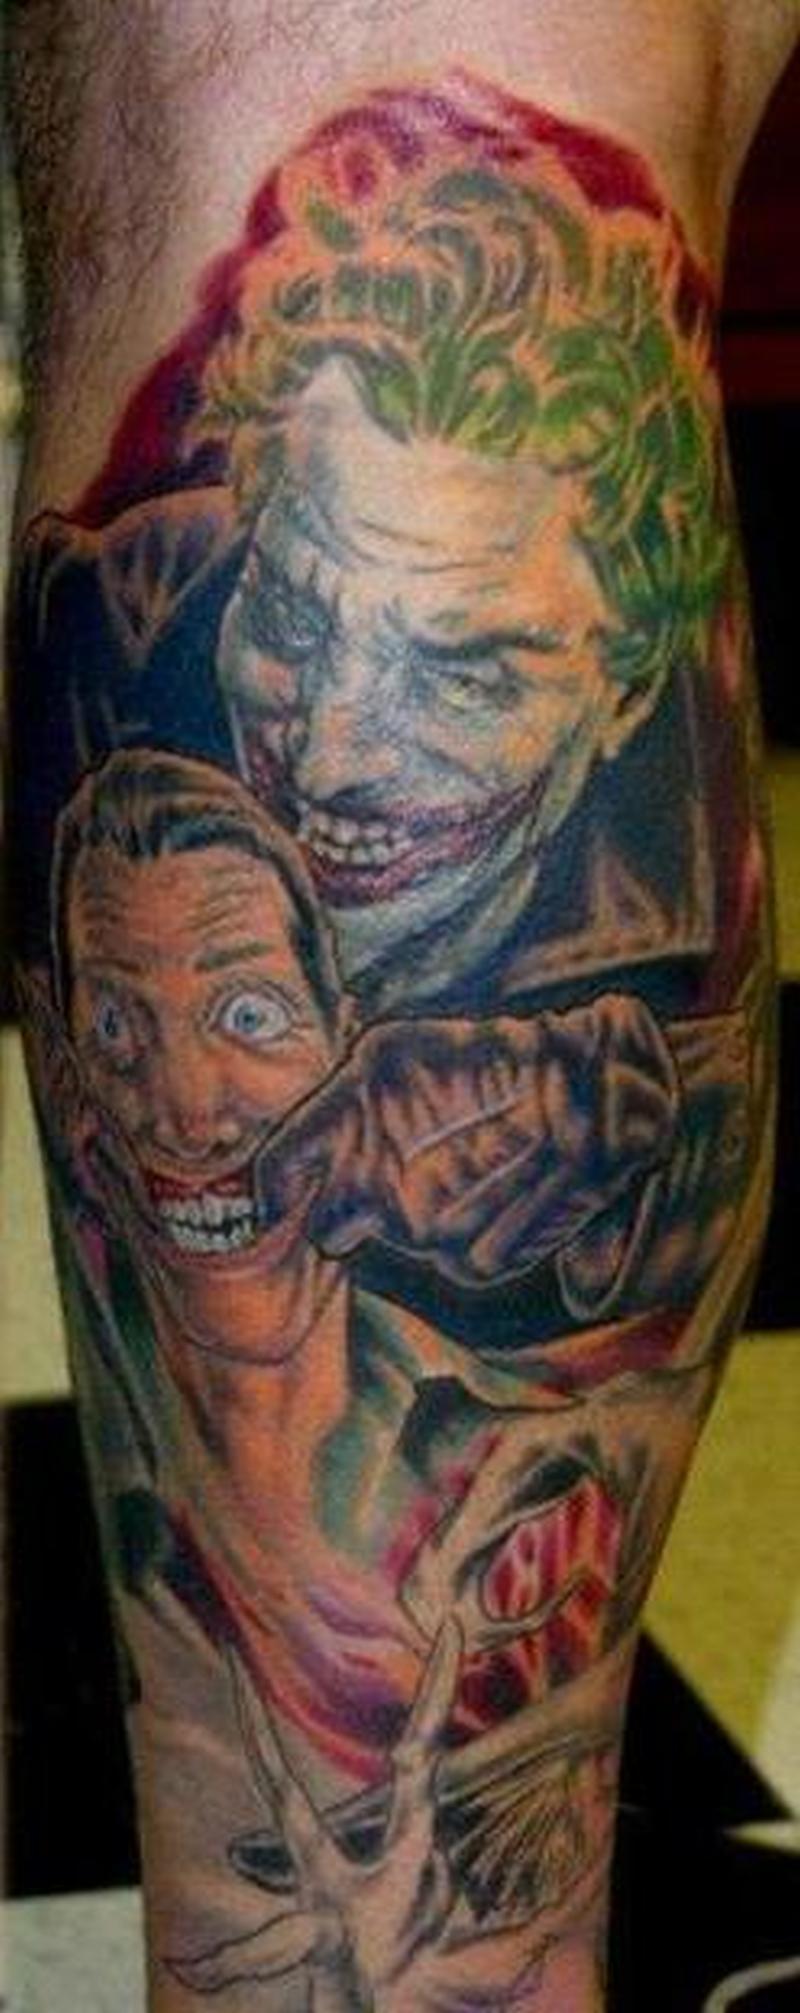 Batman joker tattoo design tattoos book tattoos for Joker batman tattoo